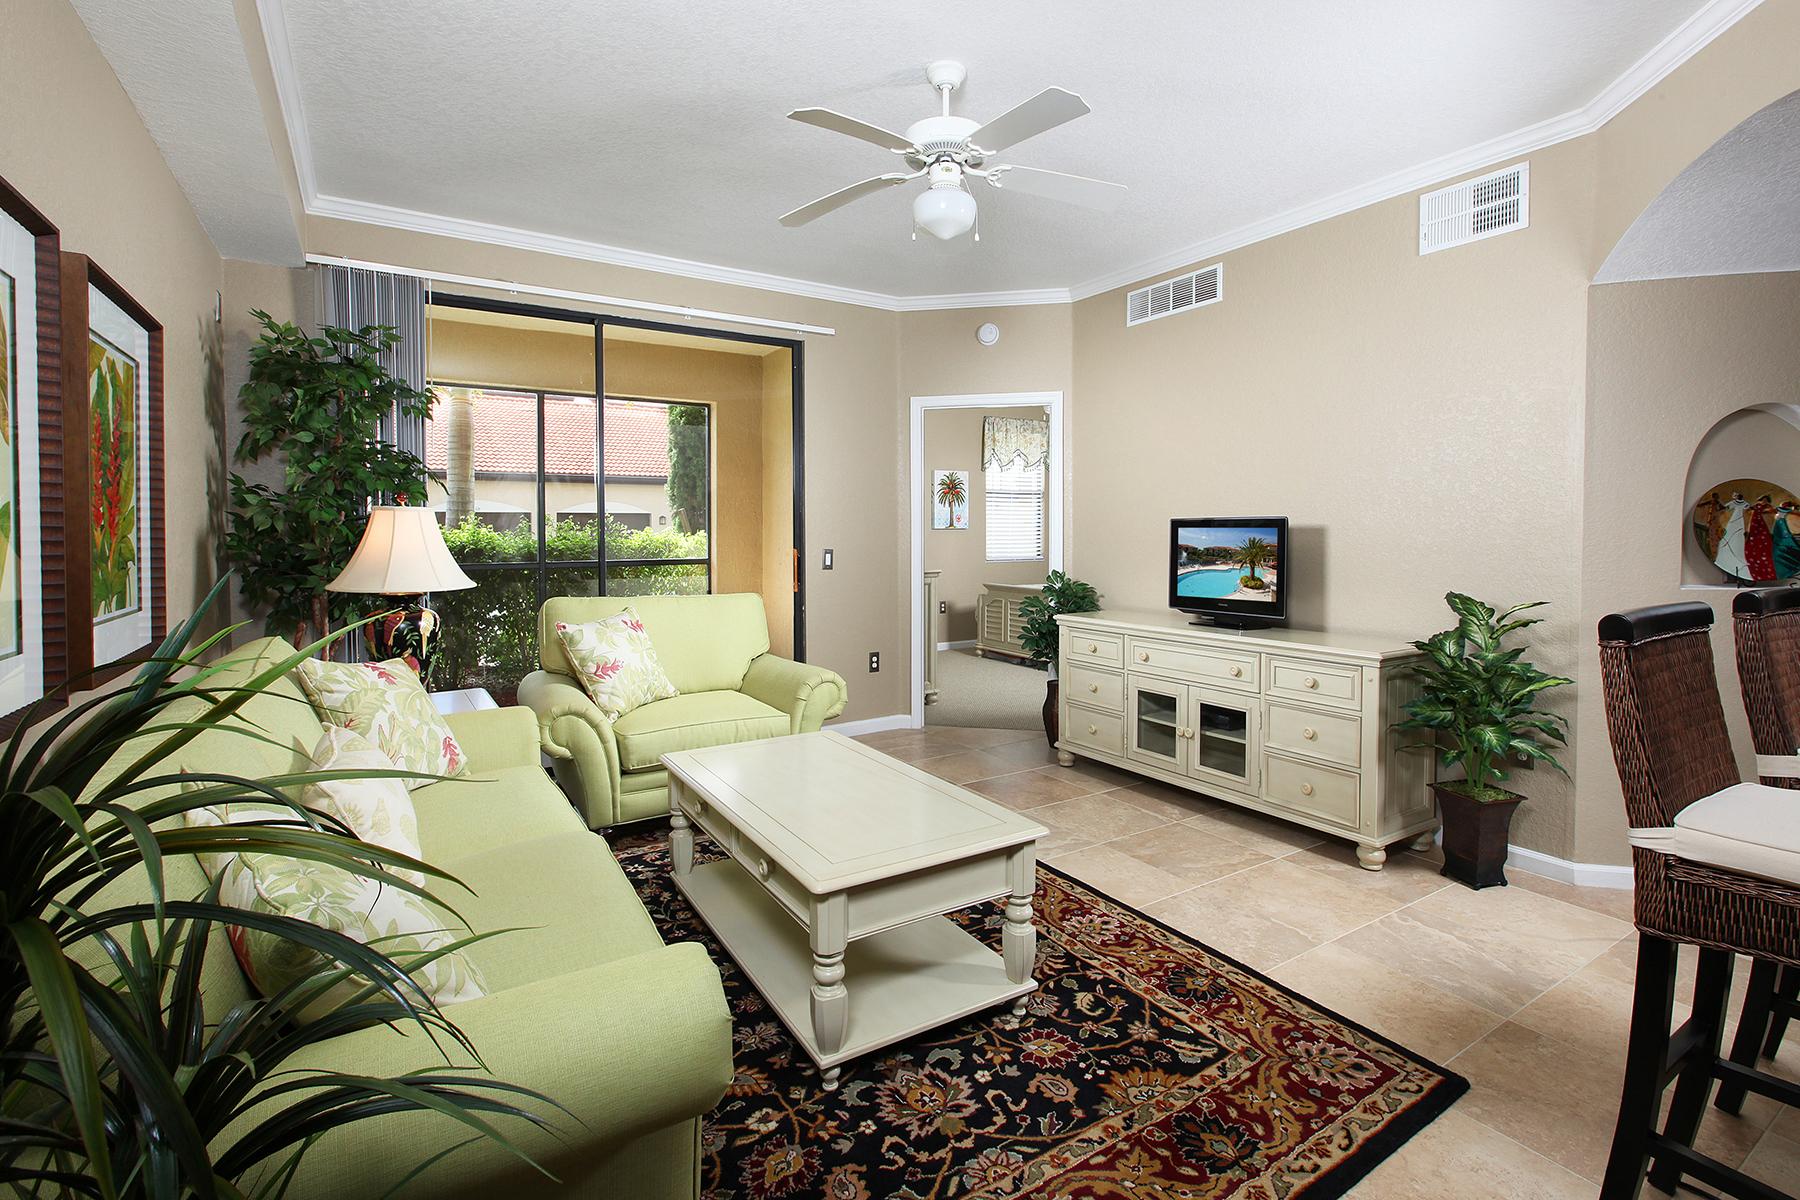 Кондоминиум для того Продажа на Positano Place 12970 Positano Cir 107 Naples, Флорида, 34105 Соединенные Штаты